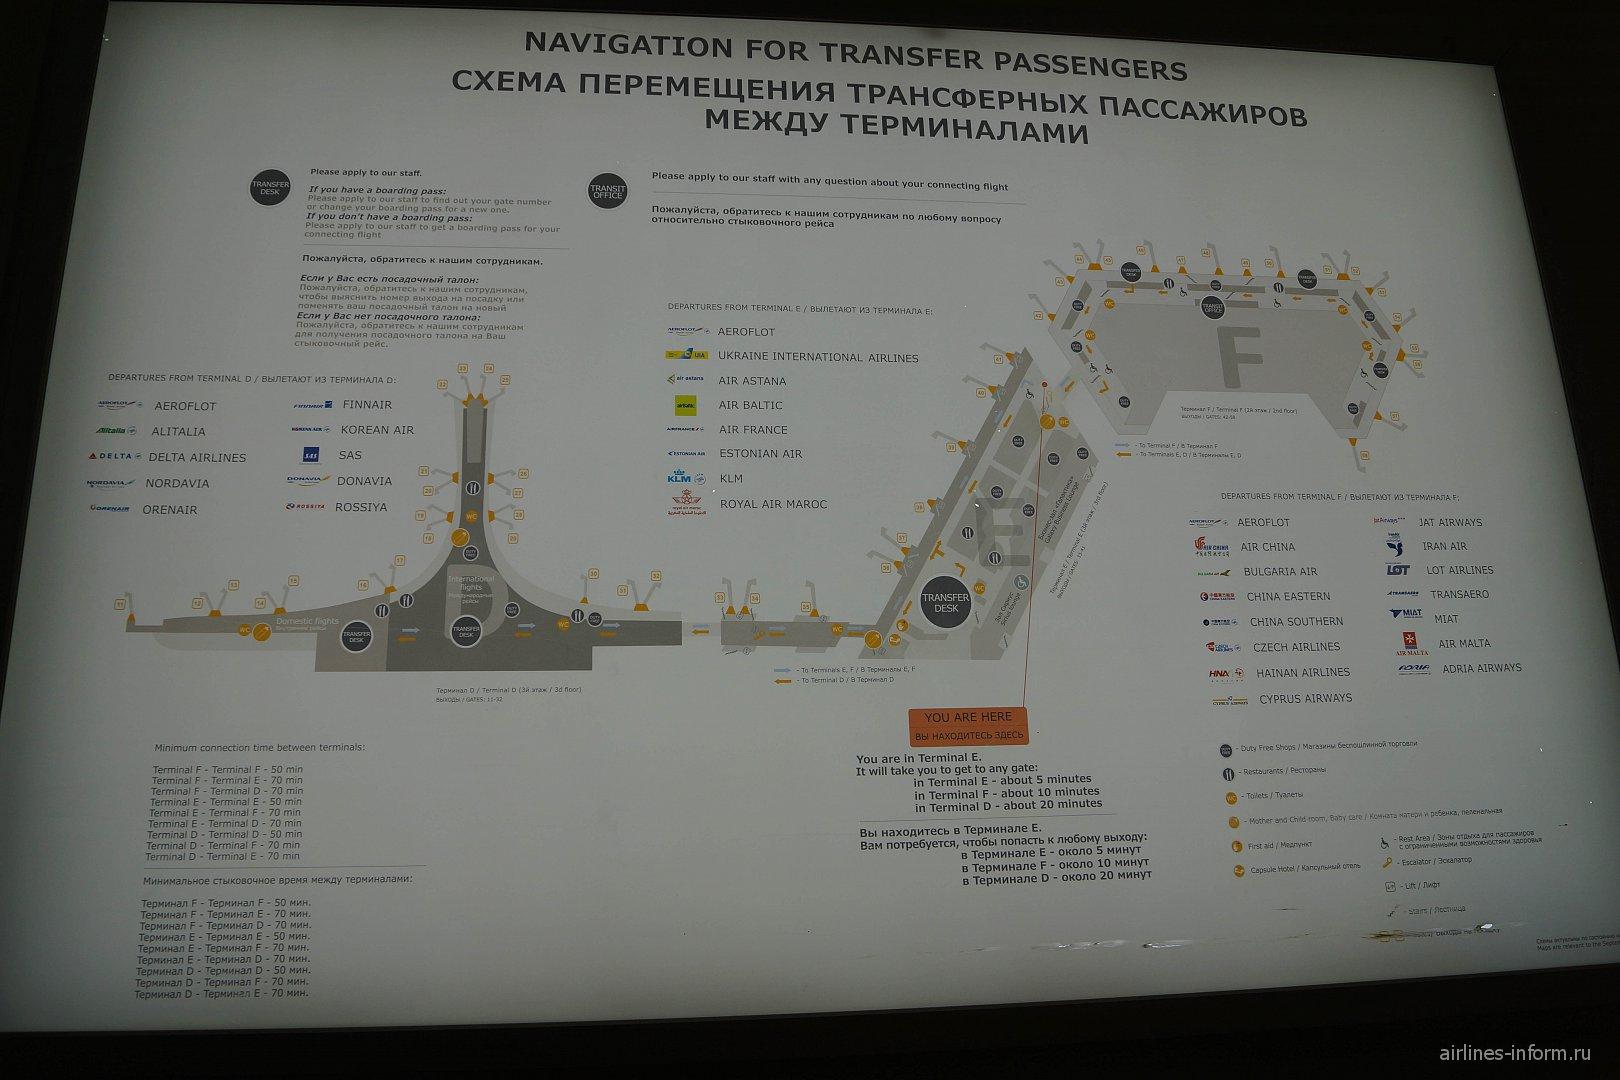 Схема терминалов аэропорта Москва Шереметьево